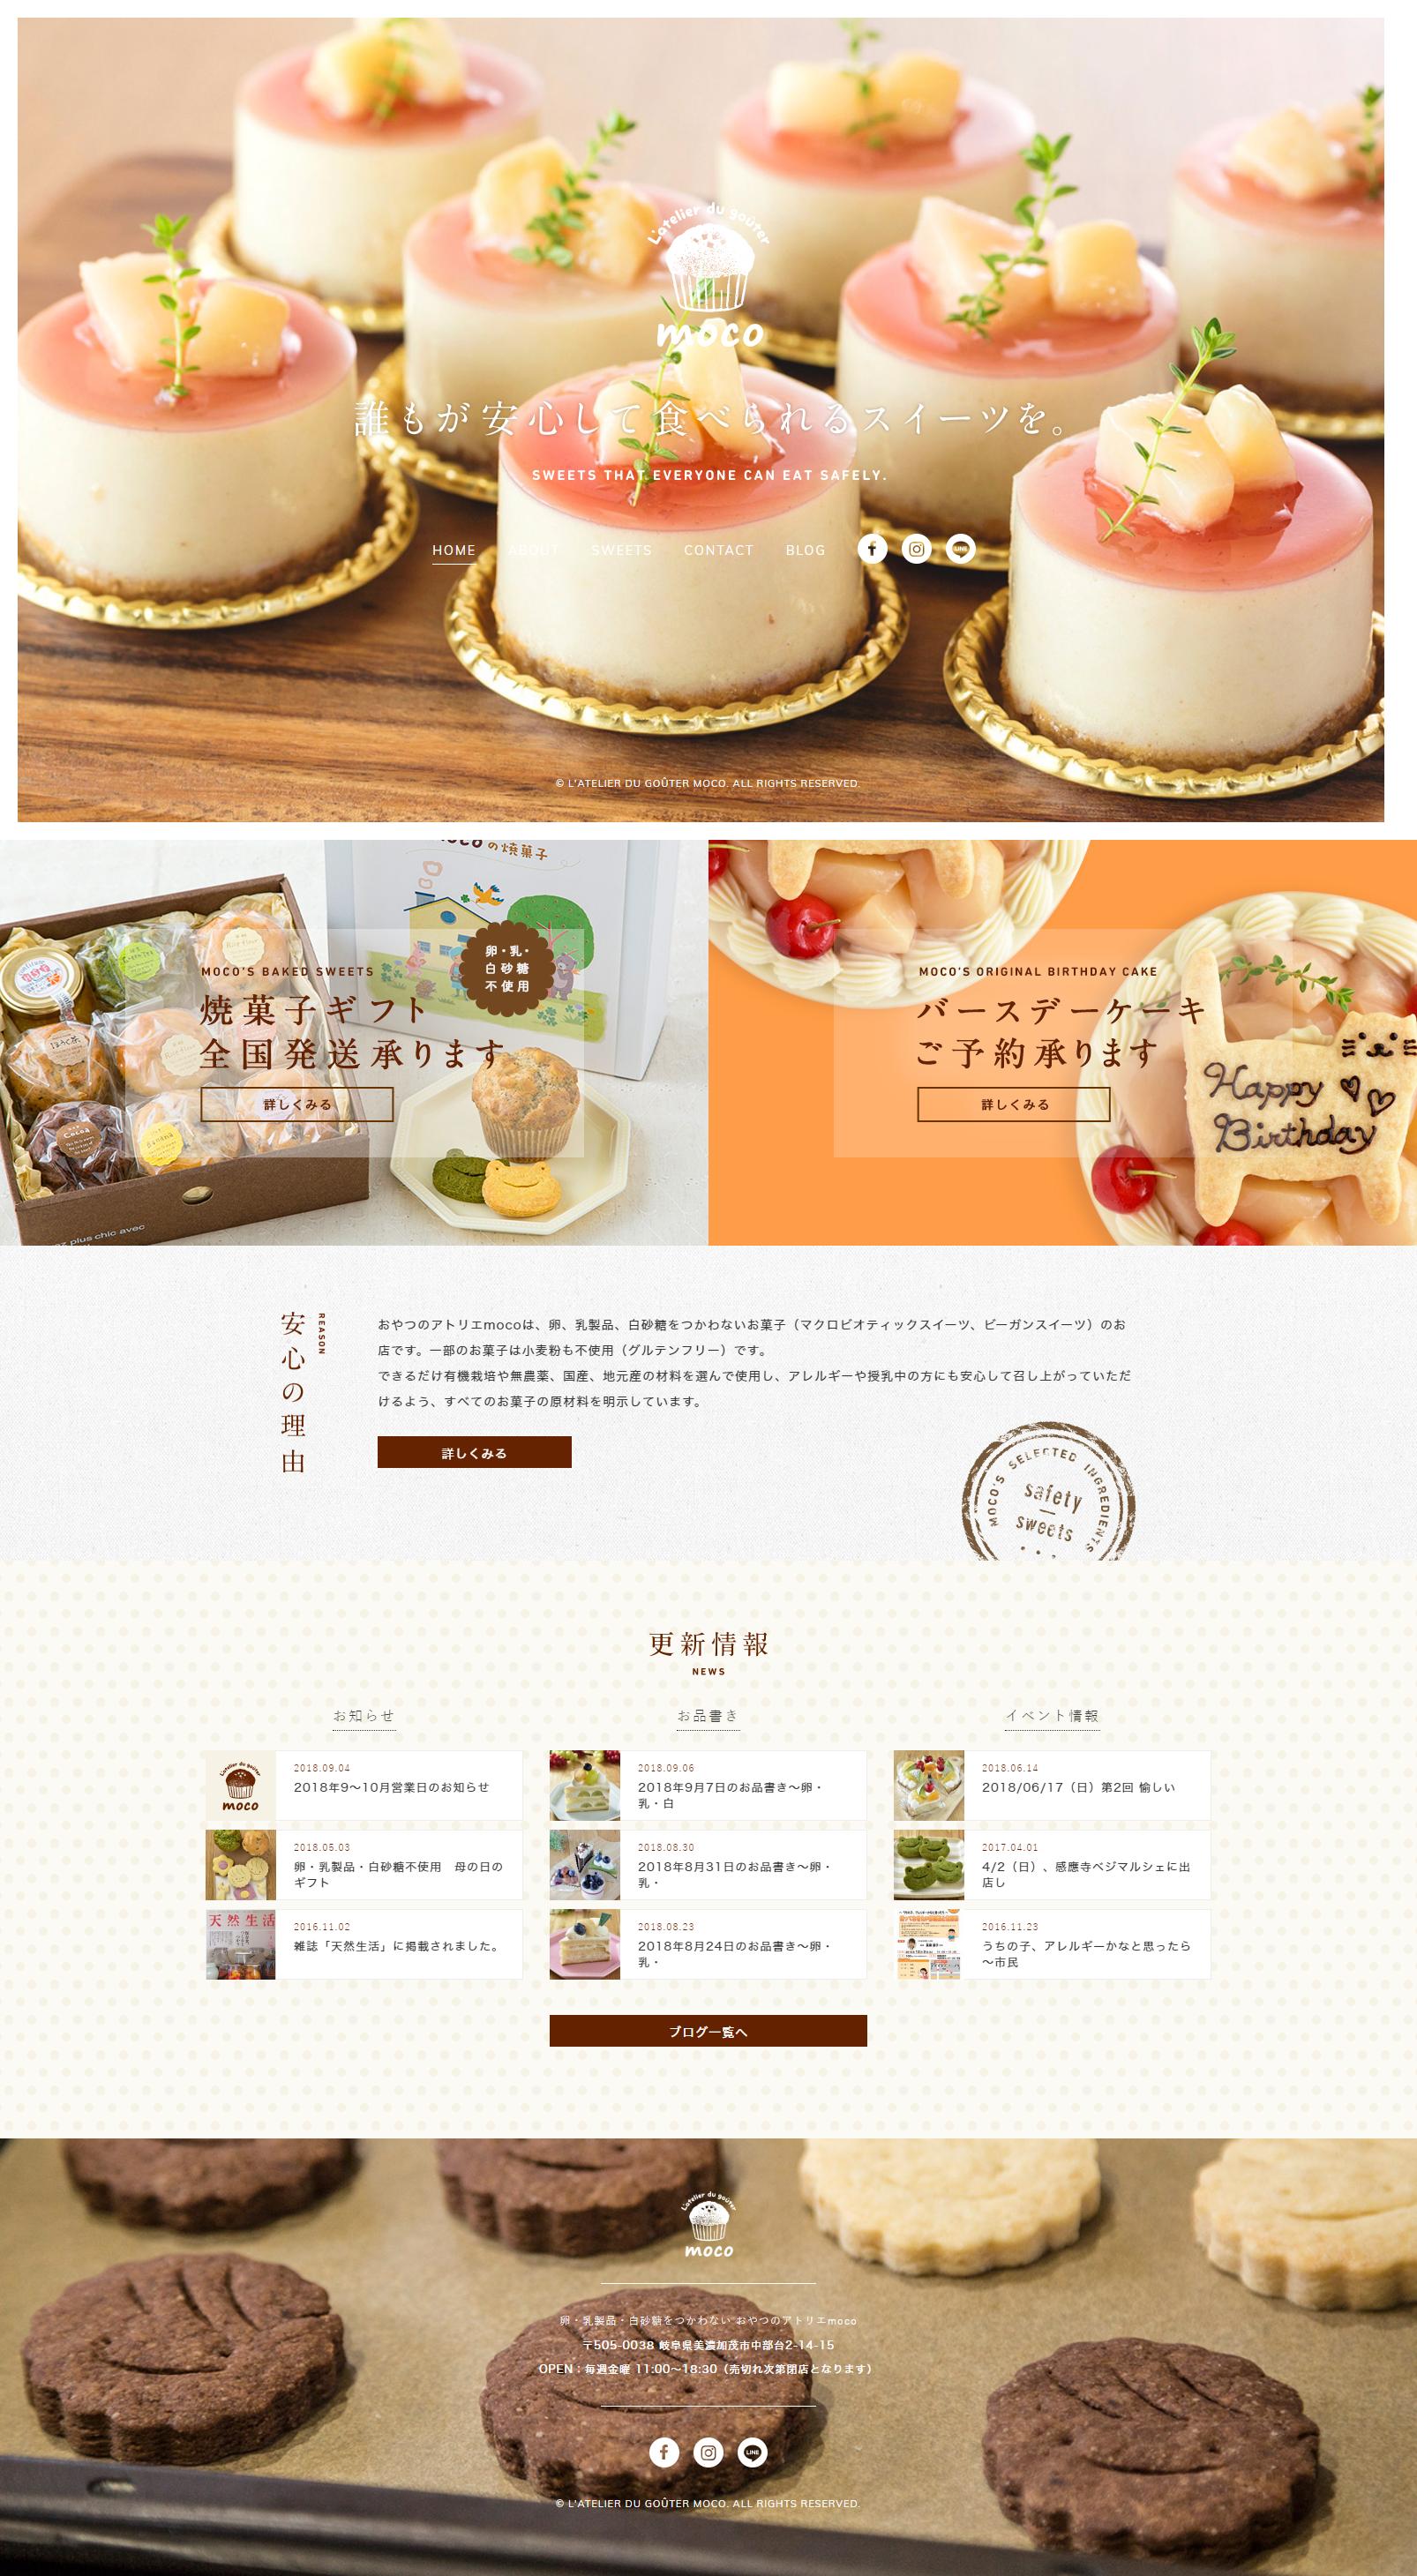 Layout おしゃれまとめの人気アイデア Pinterest Chang Ping Lp デザイン 洋菓子屋 ウェブデザイン